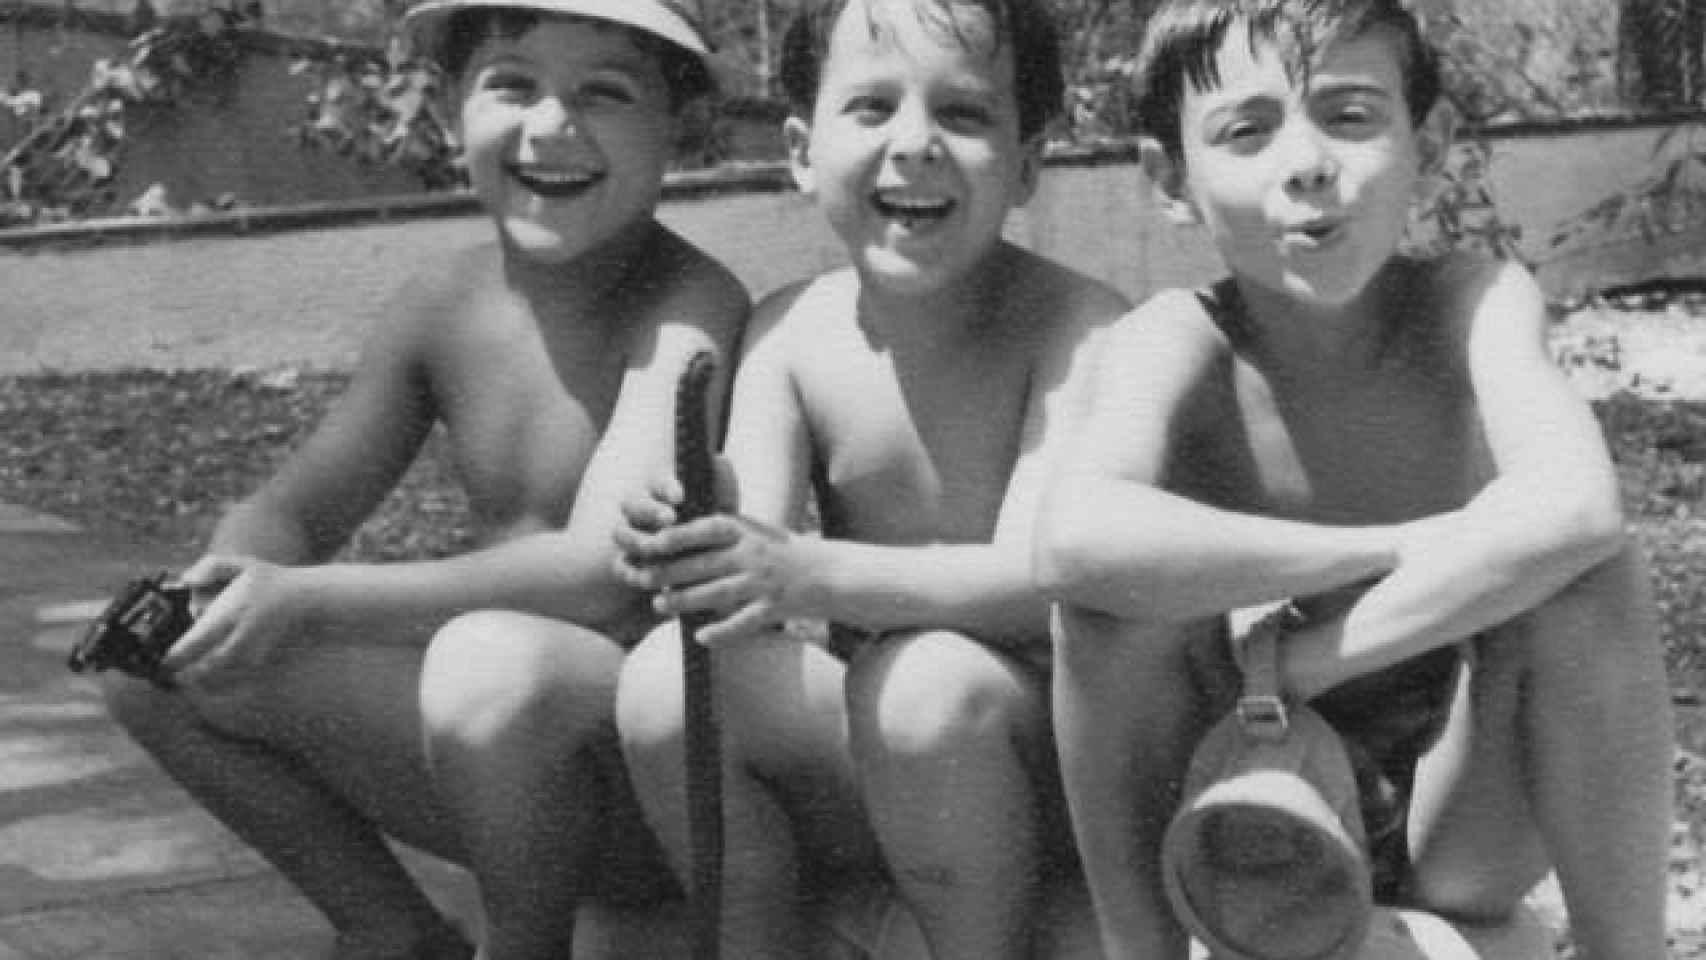 El socialista pasaba los veranos con su familia en Burgos. Aquí, junto a dos de sus primos. Él es el primero por la derecha.